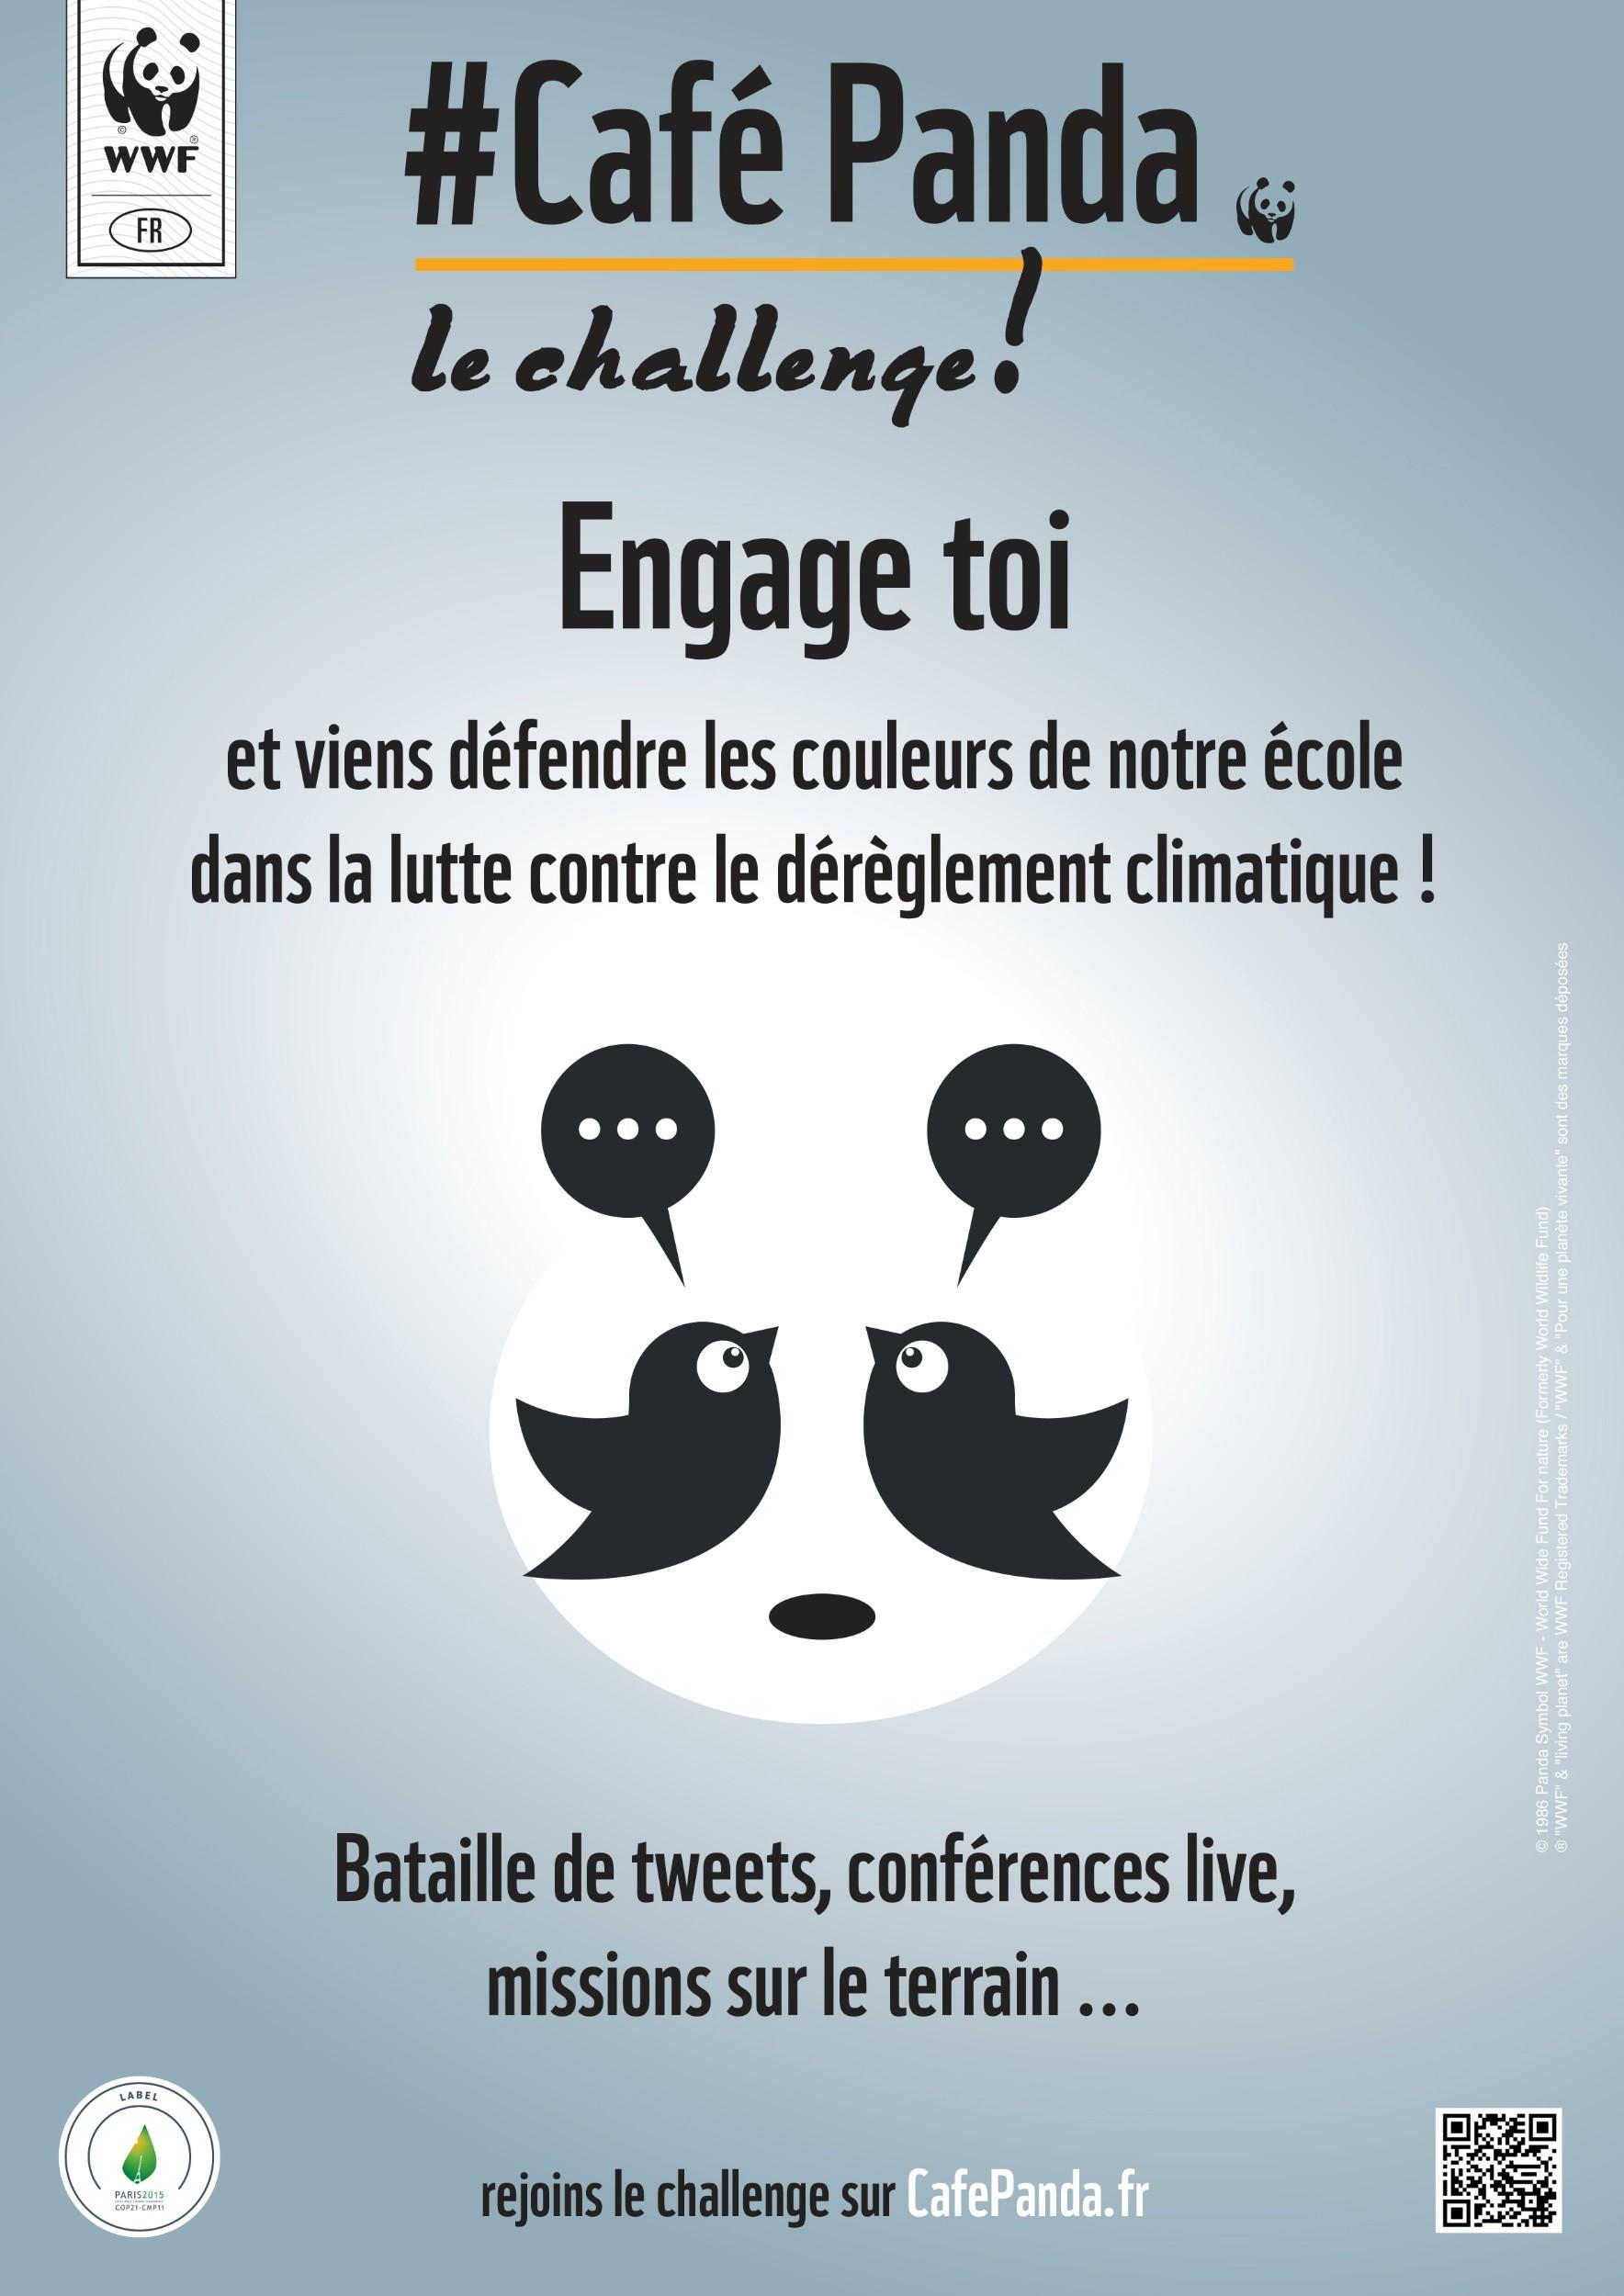 #CaféPanda – Le challenge est lancé !